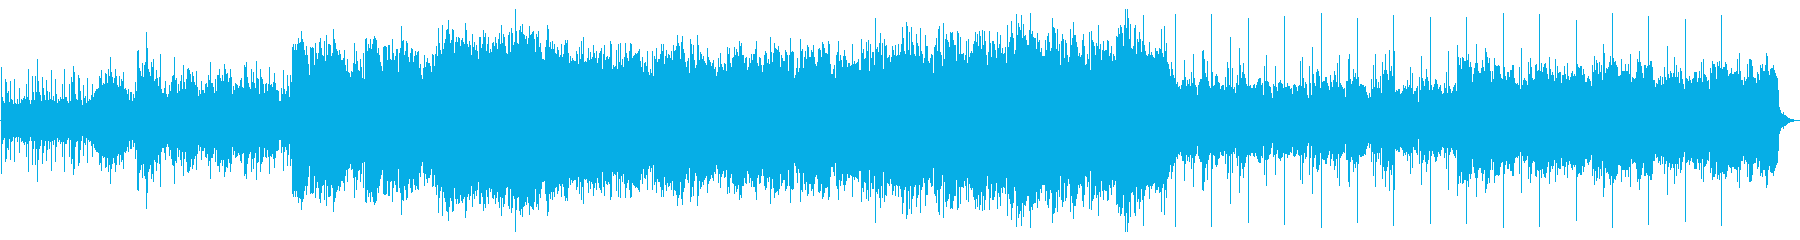 【ジブリの世界観】和楽器で演出しました。の再生済みの波形